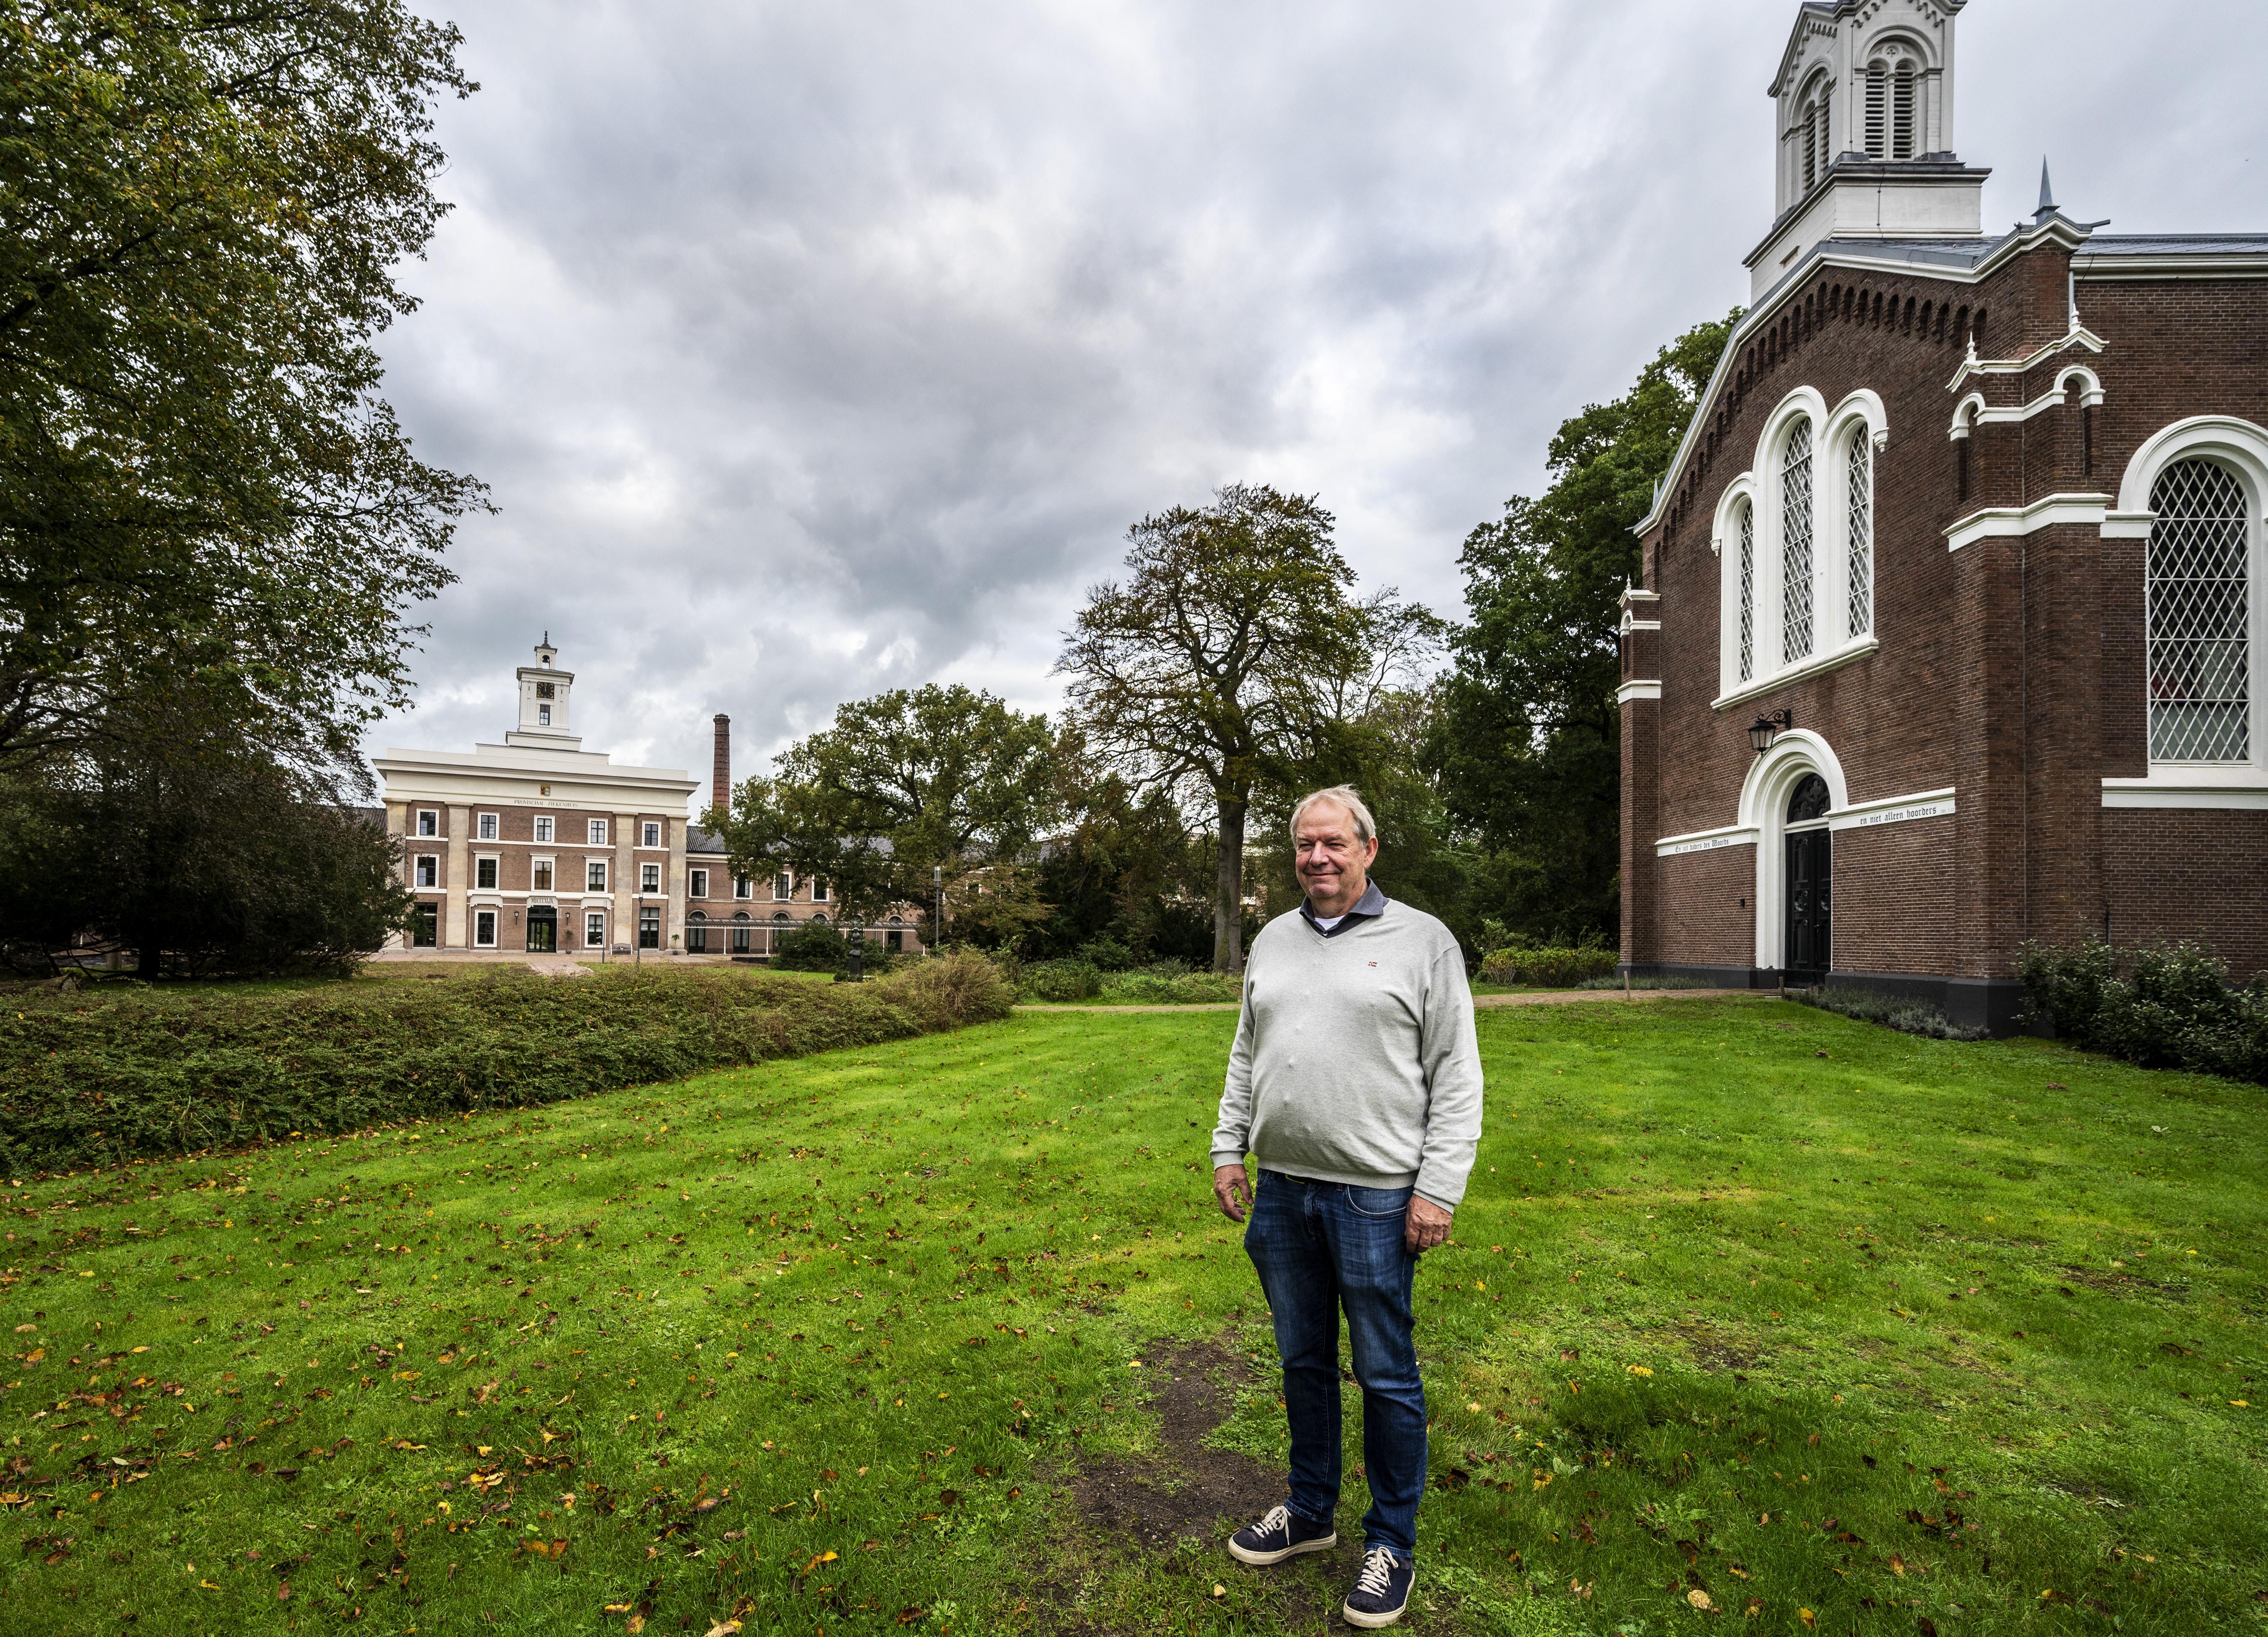 Gekken in de kerk legt in beeld en verhaal geschiedenis vast van progressief Provinciaal Ziekenhuis Santpoort: Je zit hier niet voor zweetvoeten